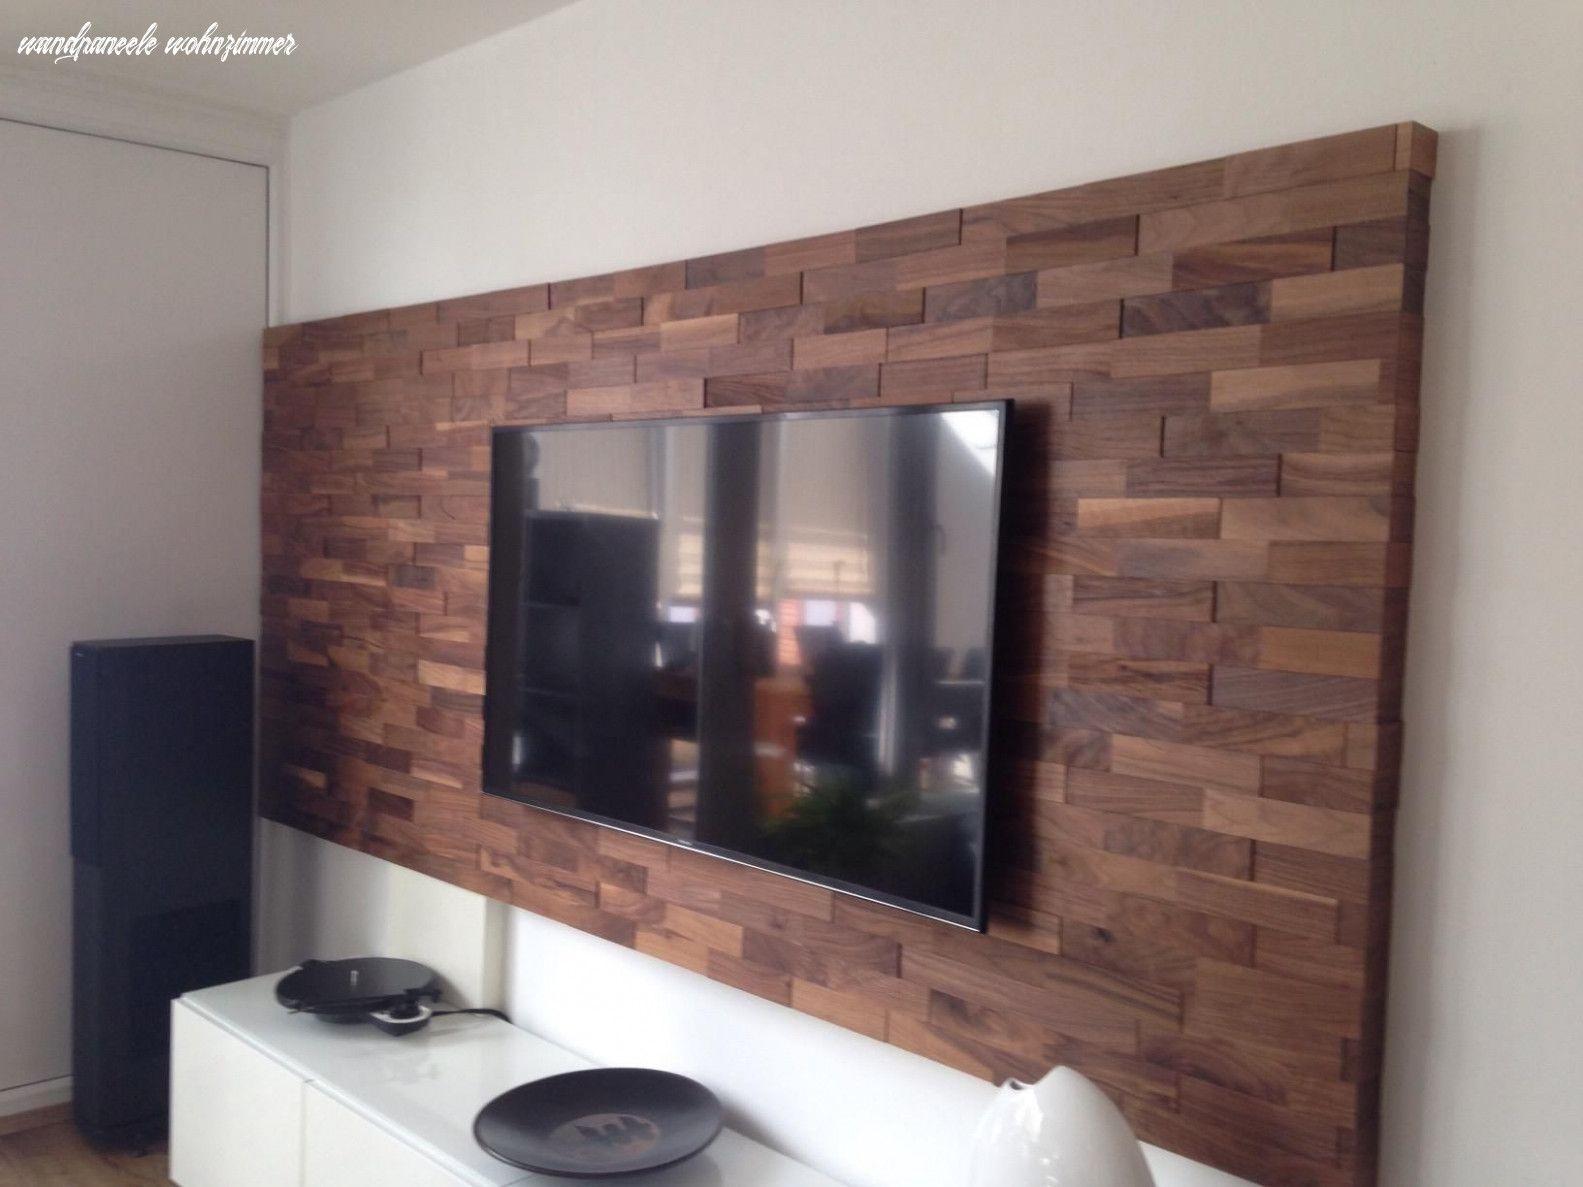 Sieben Schnelle Tipps Zu Wandpaneele Wohnzimmer in 15